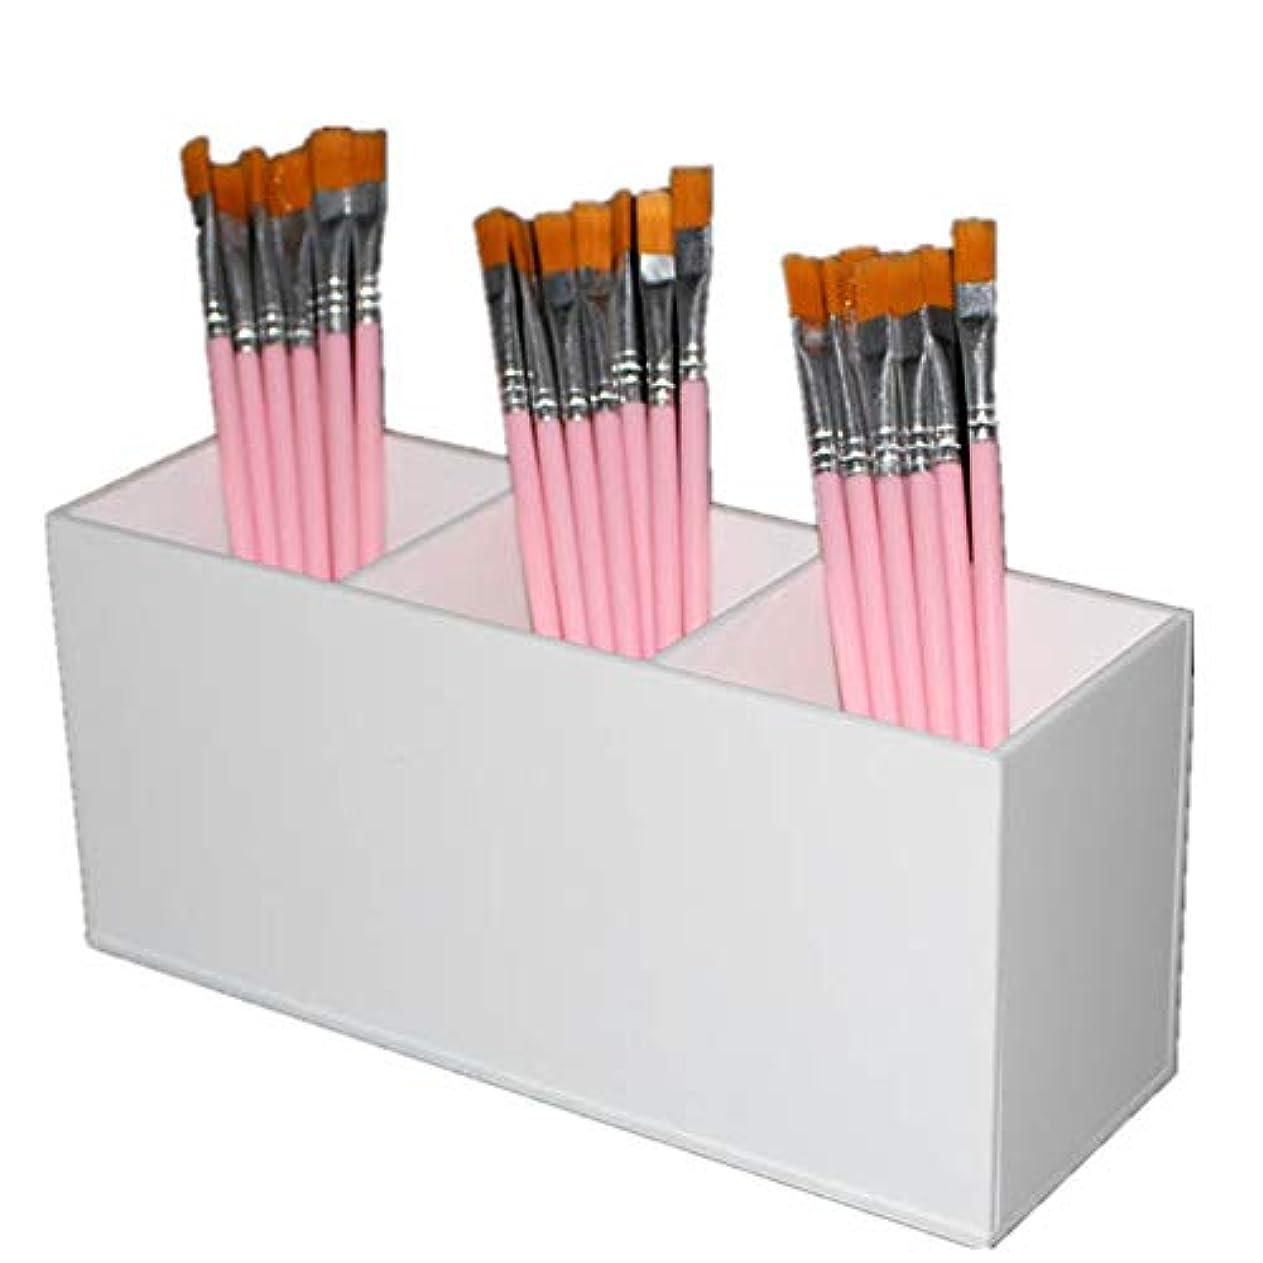 レンチシュリンクナイトスポット整理簡単 シンプルな化粧オーガナイザーブラシホルダーホワイトアクリル散りばめたデザイン化粧オーガナイザー (Color : White, Size : 20*6.5*9CM)